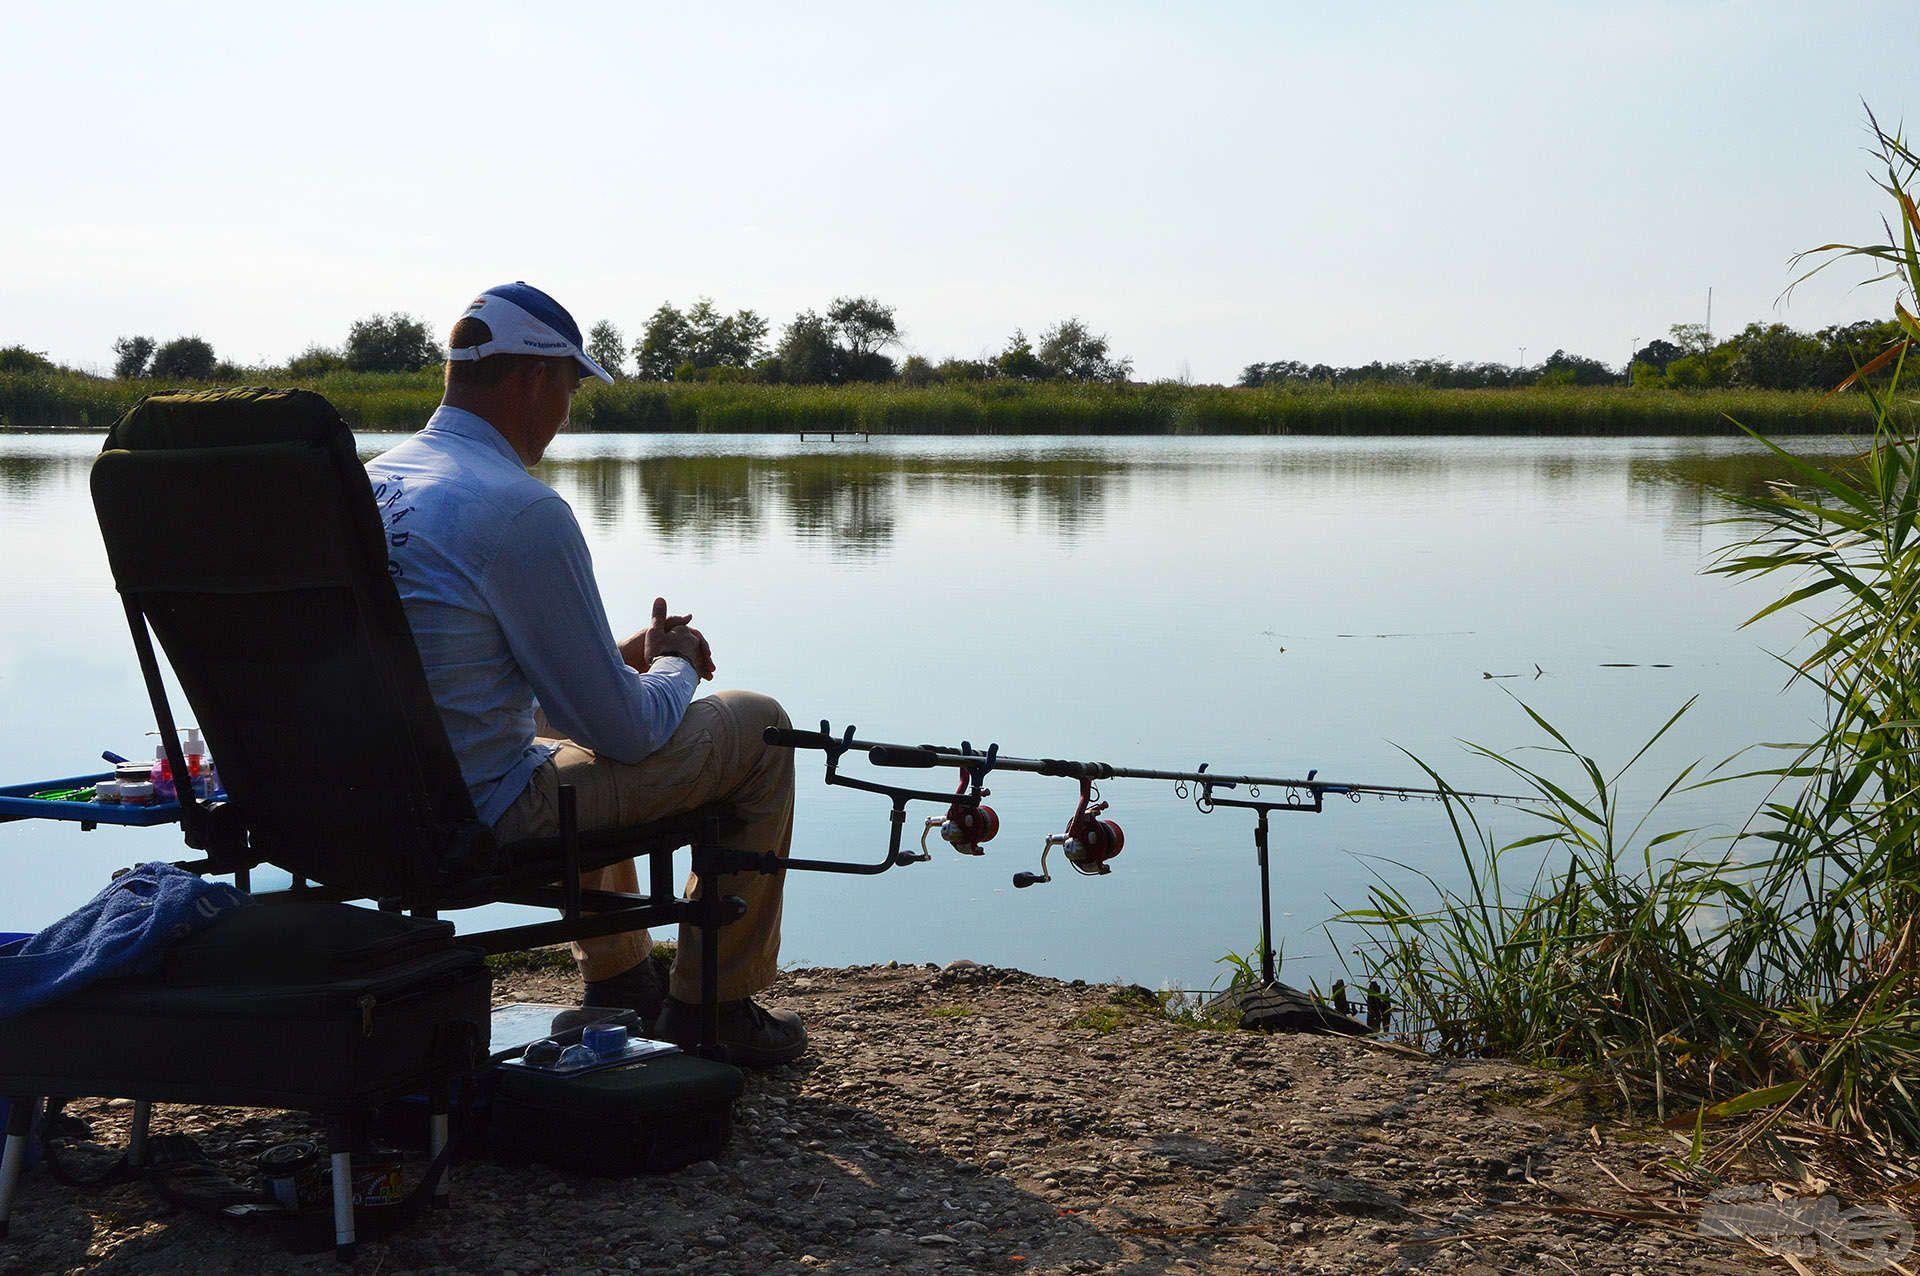 Szép környezetben horgászhattunk, és a kapásokra sem kellett sokat várni